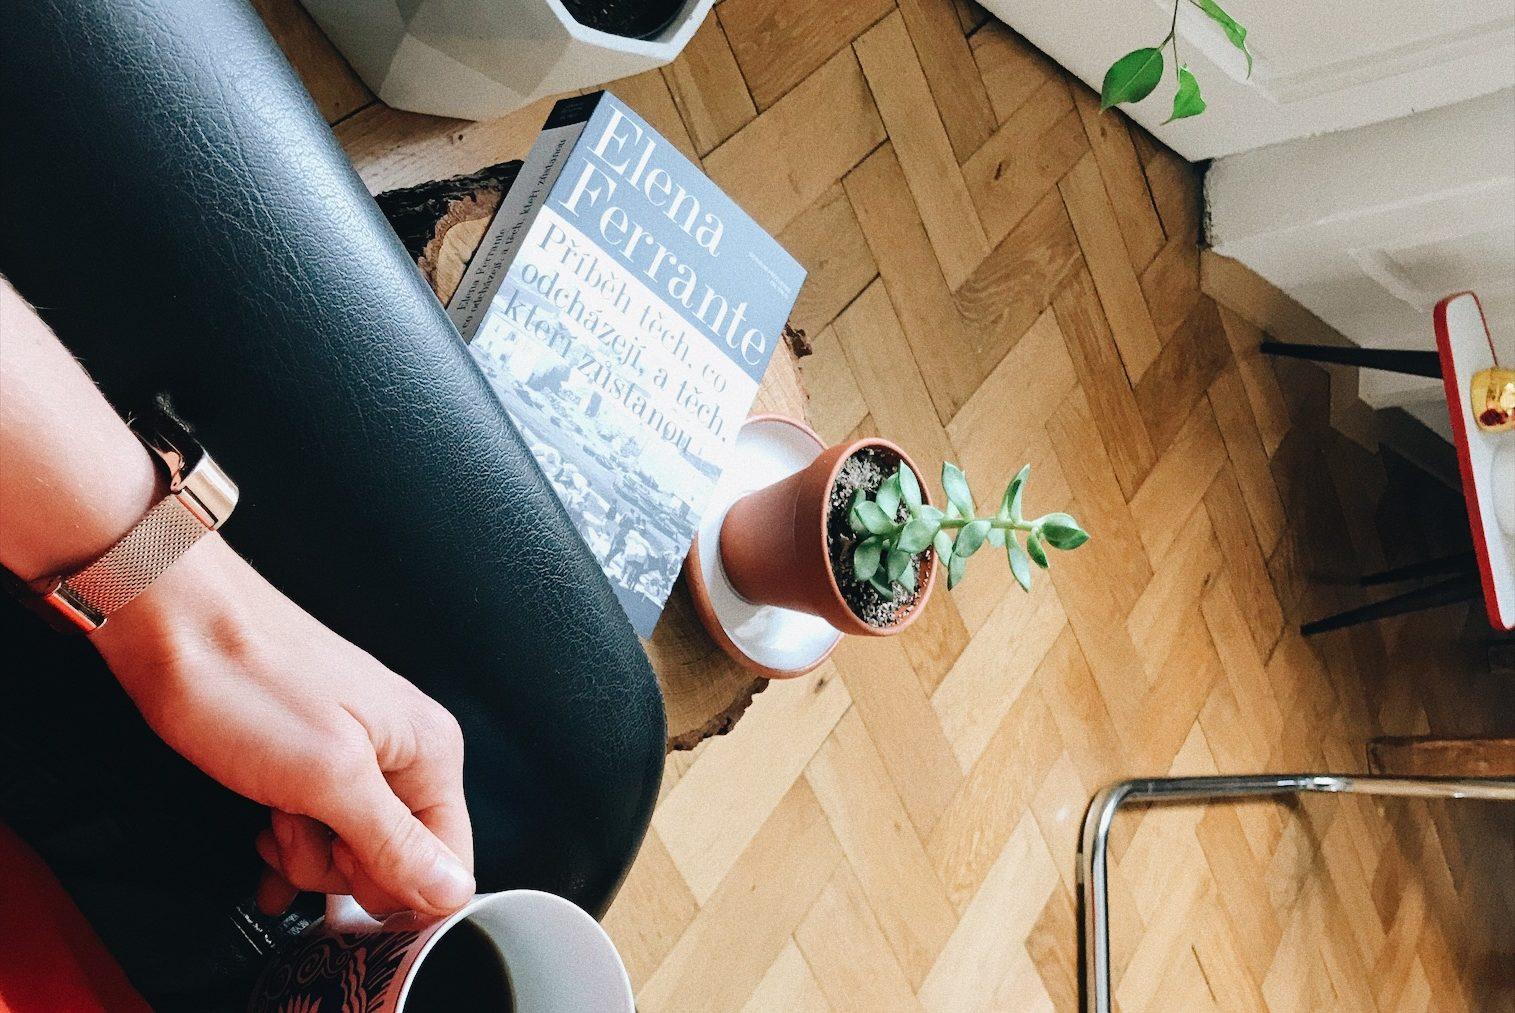 elena ferrante, kniha, káva, sukulent, odpočinek, vstávání, ráno, únava, číst